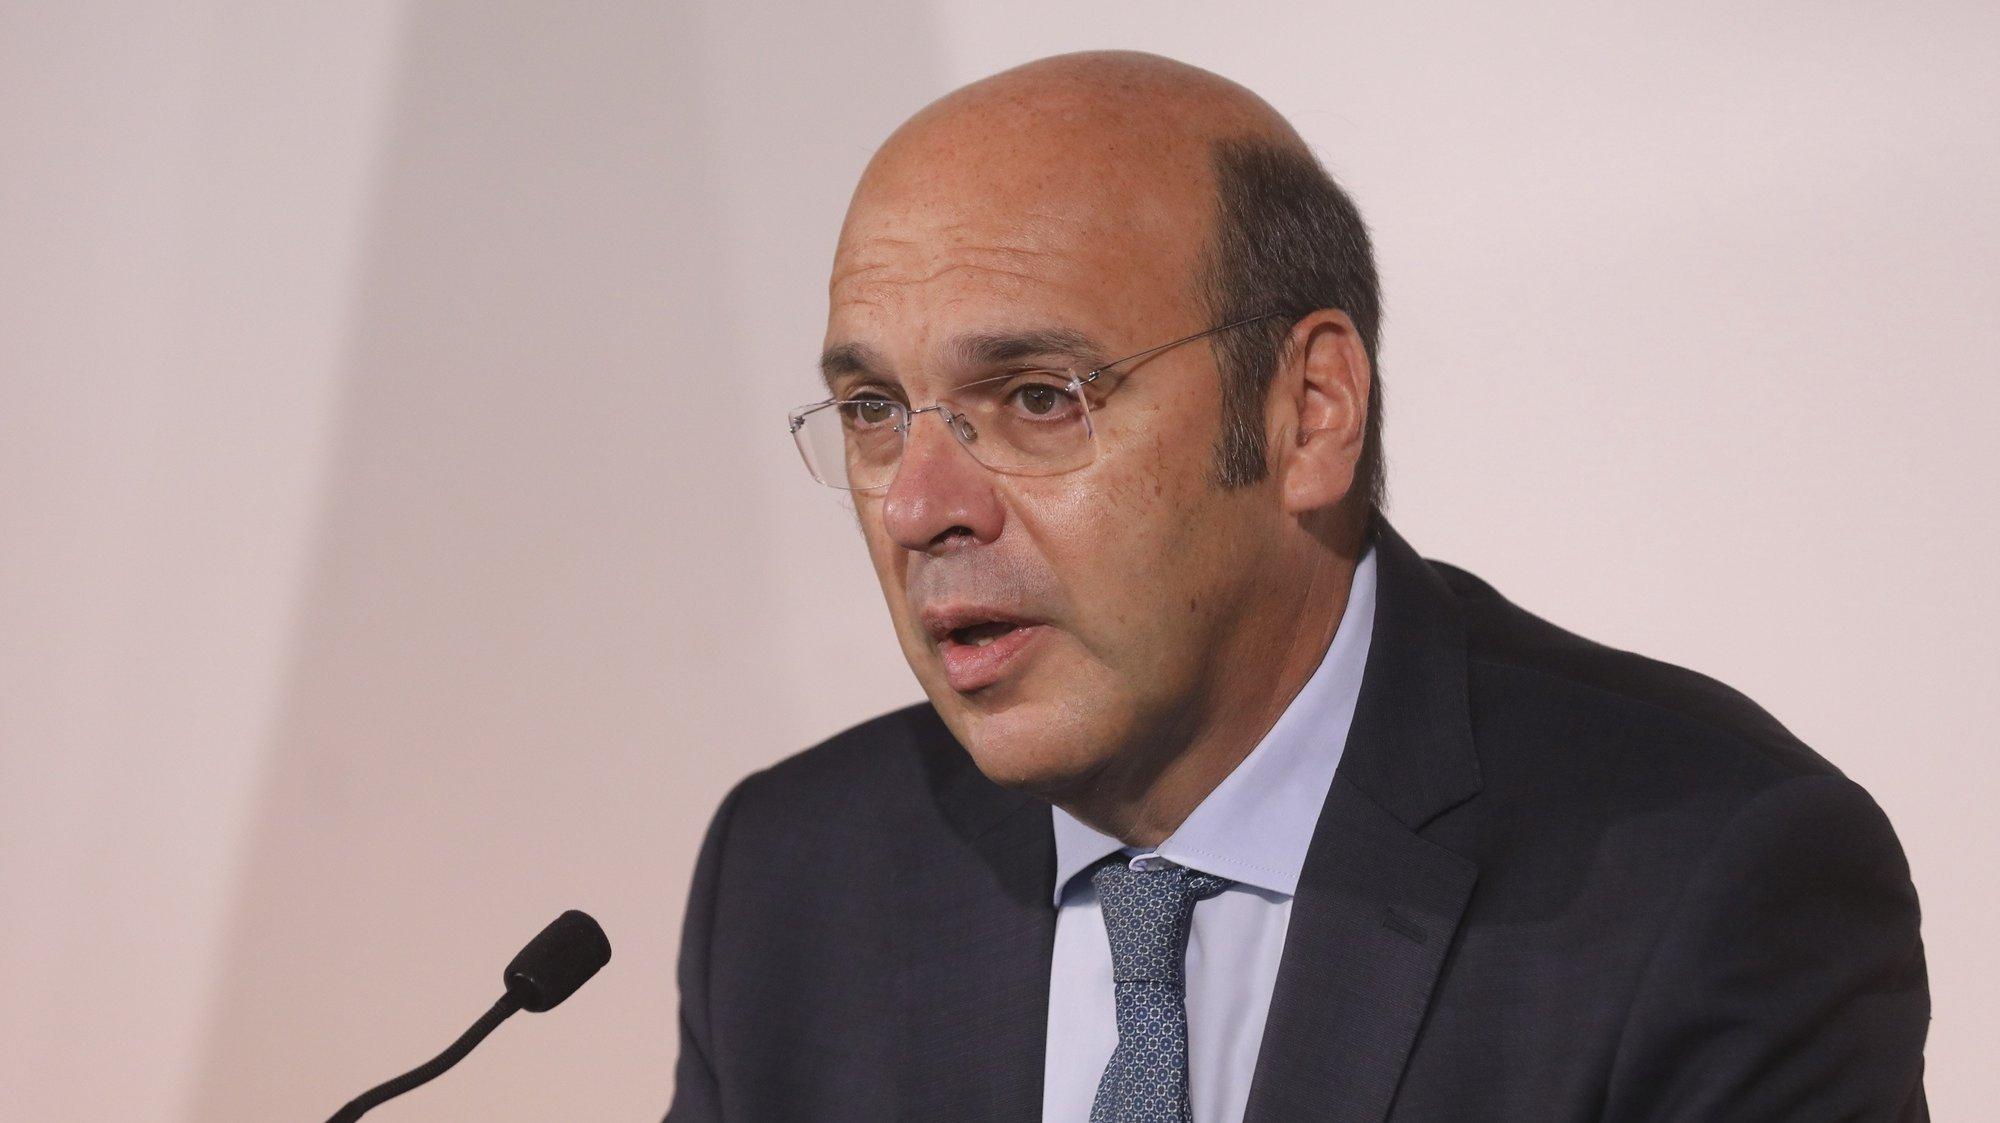 O ministro de Estado, da Economia e da Transição Digital, Pedro Siza Vieira intervém na conferência de imprensa sobre a edição 2021 da Web Summit sobre os detalhes e novidades sobre a edição 2021 da Web Summit, que terá lugar em Lisboa de 1 a 4 de novembro. Lisboa, 28 de setembro de 2021. MIGUEL A. LOPES/LUSA